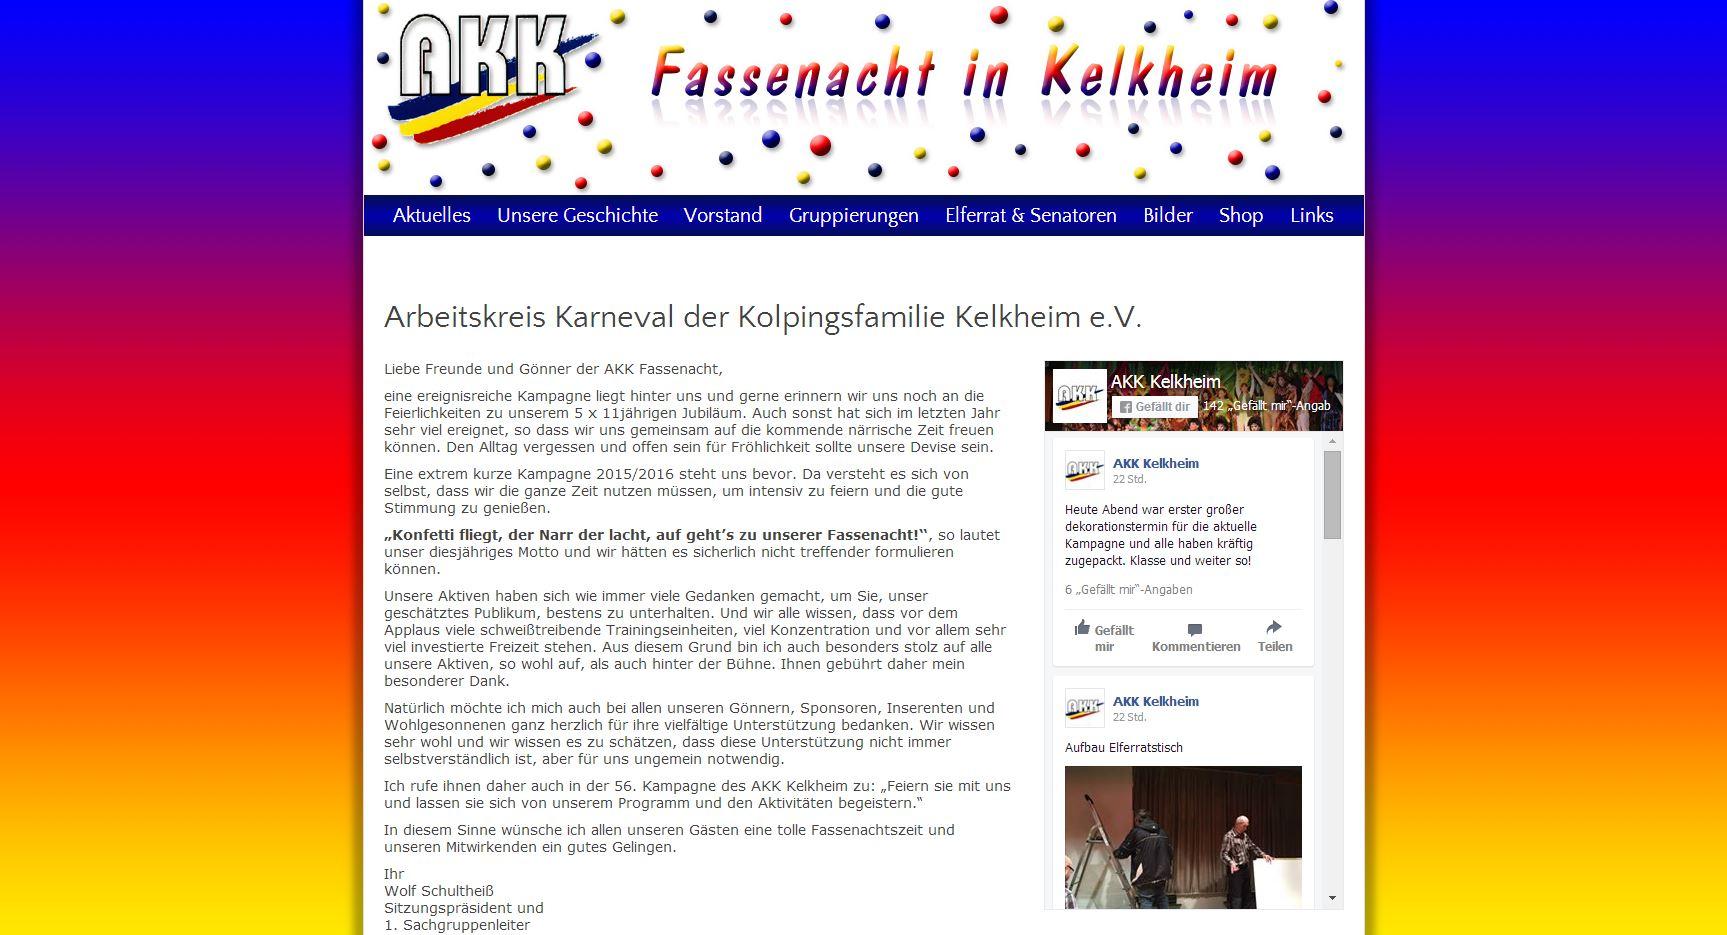 Website des AKK Kelkheim 2012 bis 2020